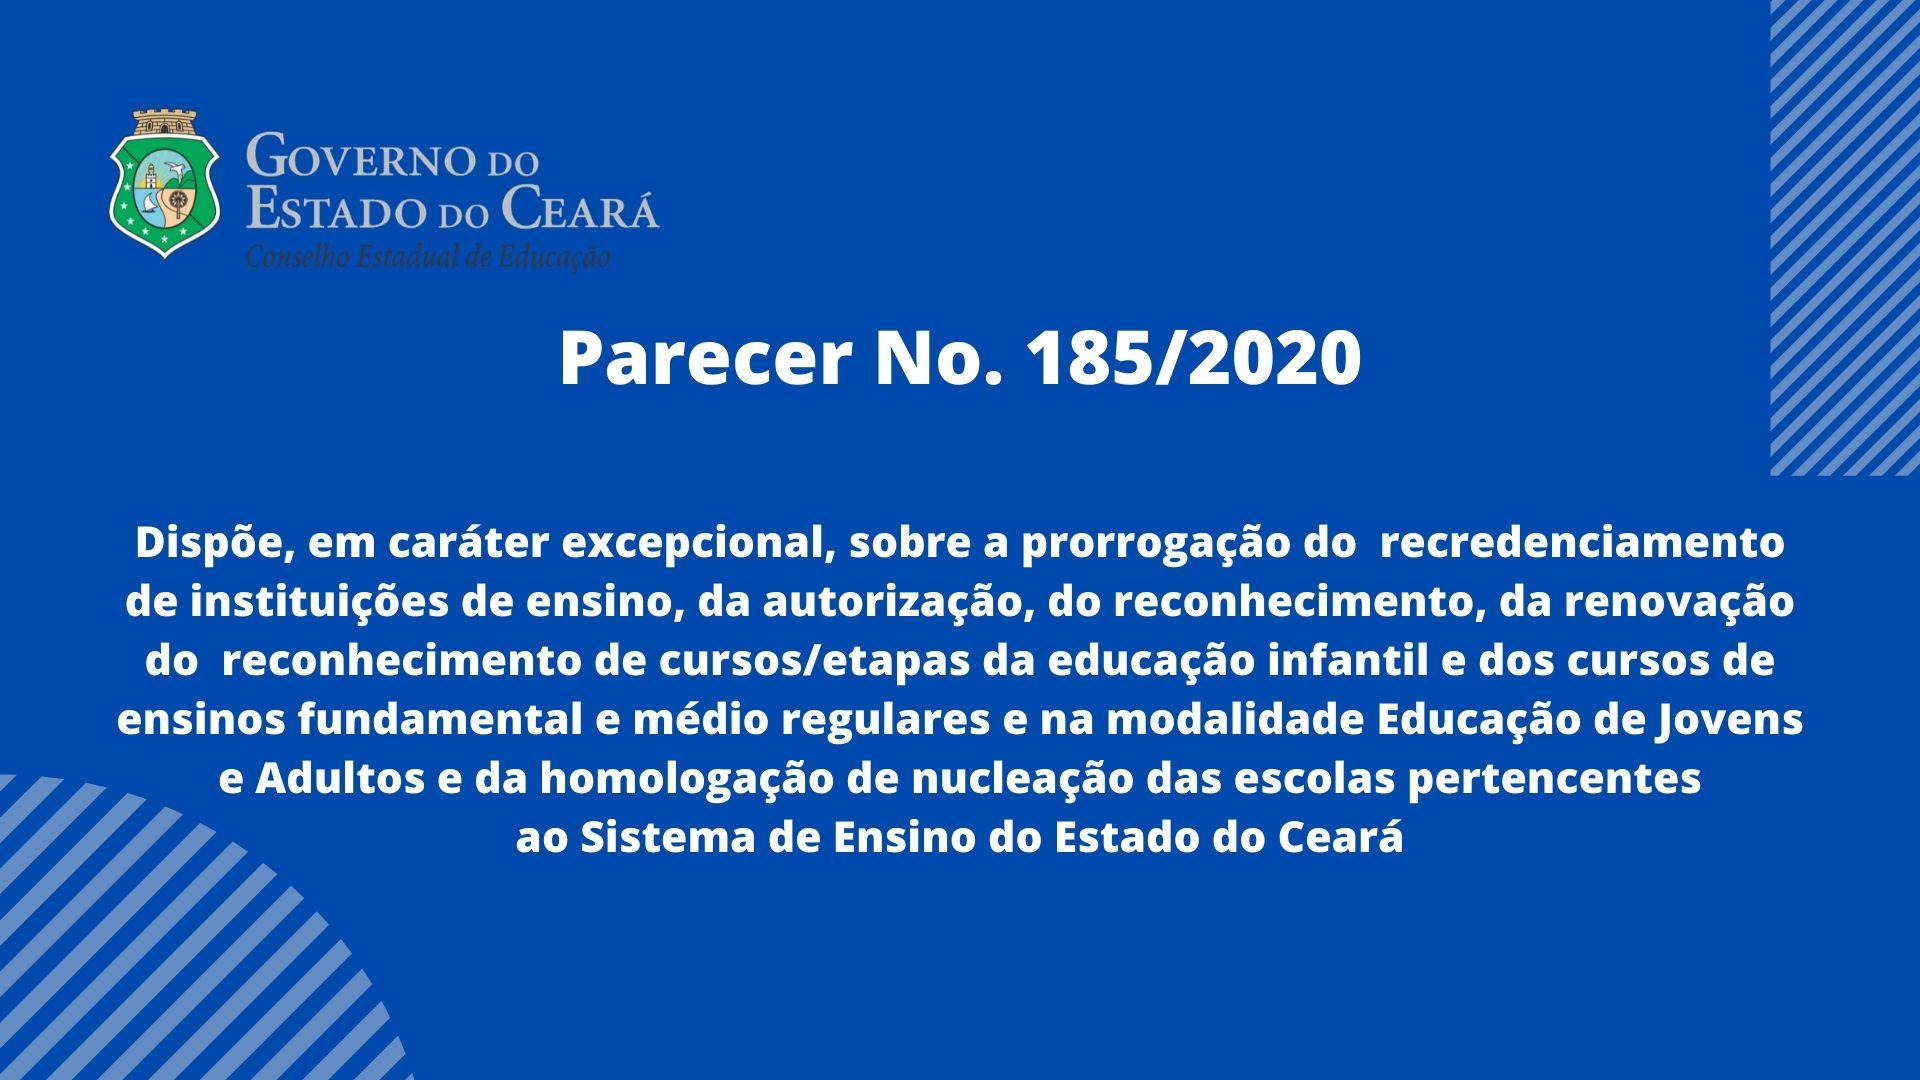 CEE aprova prorrogação do recredenciamento e outros processos de instituições de ensino por conta da pandemia